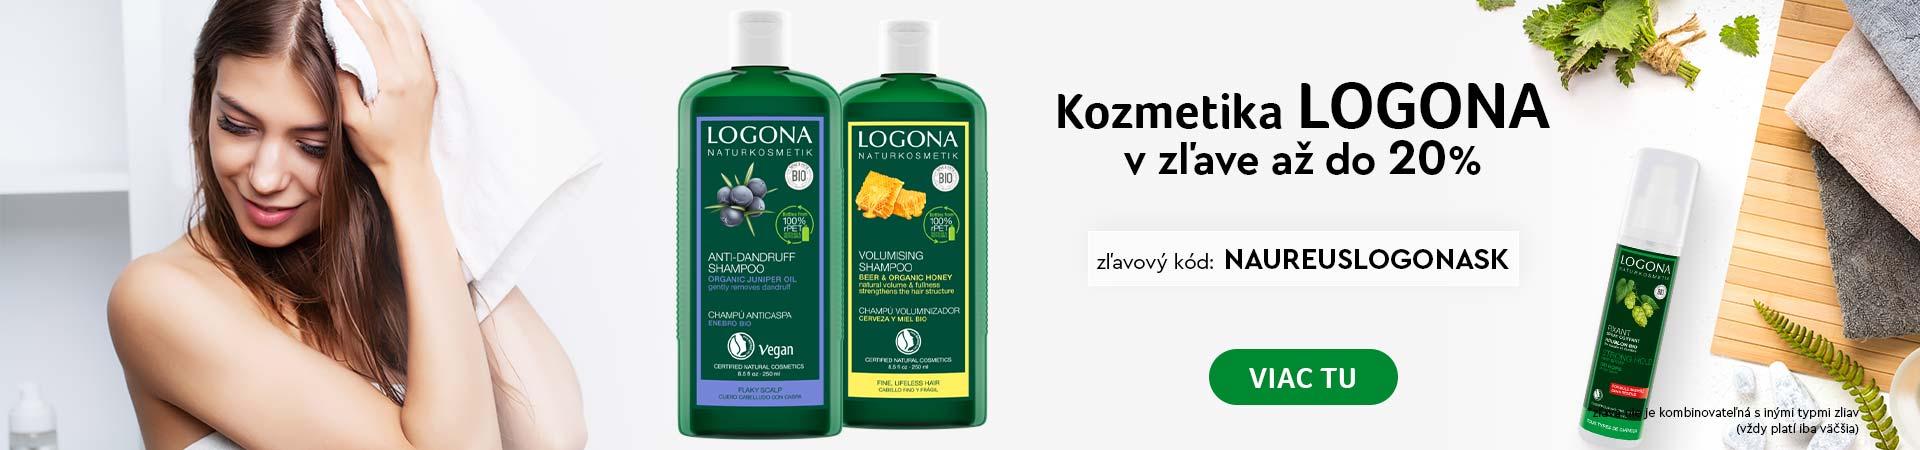 20% na všetky produkty značky Logona do zajtra 22.10.2020 + Doprava zadarmo s vybranými produktmi